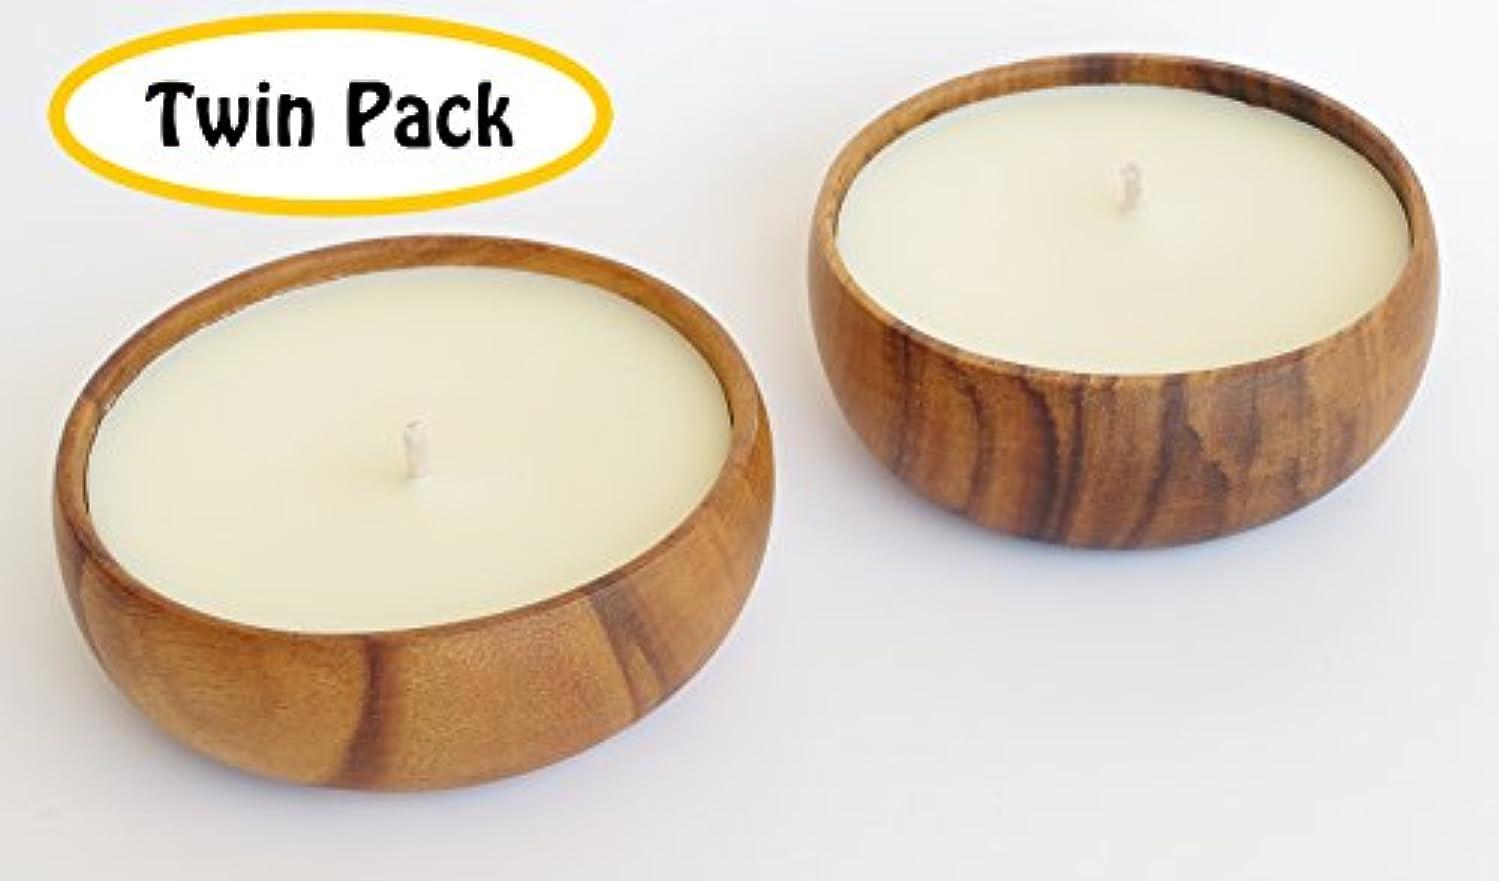 単独で蓮柔らかいハワイアンCandle & Bath – Gardenia Blossom香りつきSoy Candle、ツインパック、ハンド、再利用可能なボウル